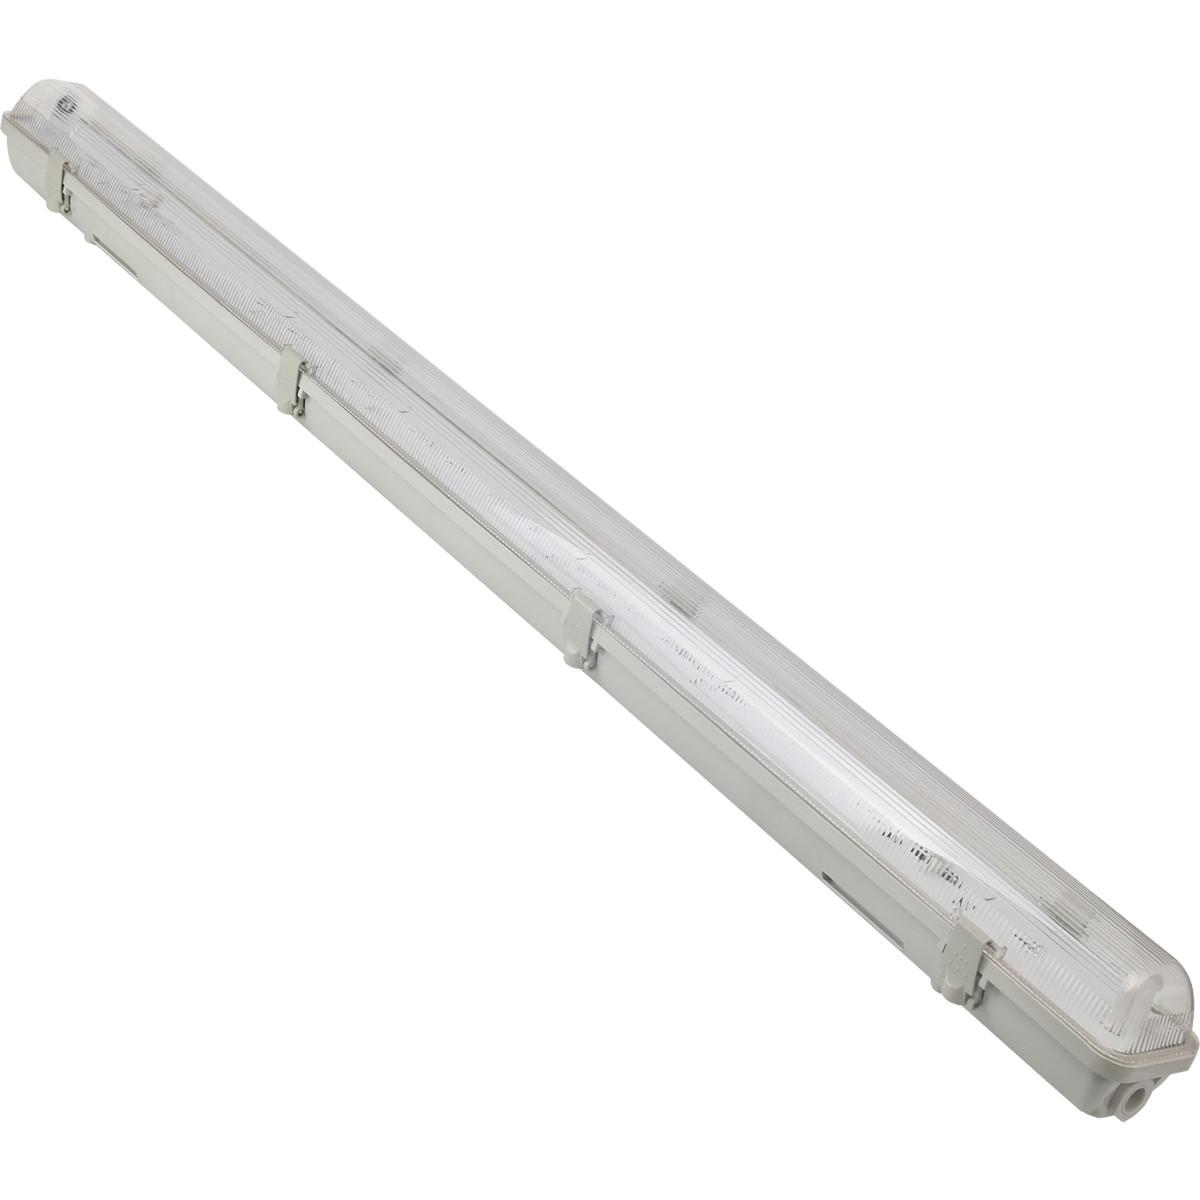 LED TL Armatuur T8 - Aigi Hari - 150cm Enkel - Waterdicht IP65 - Kunststof